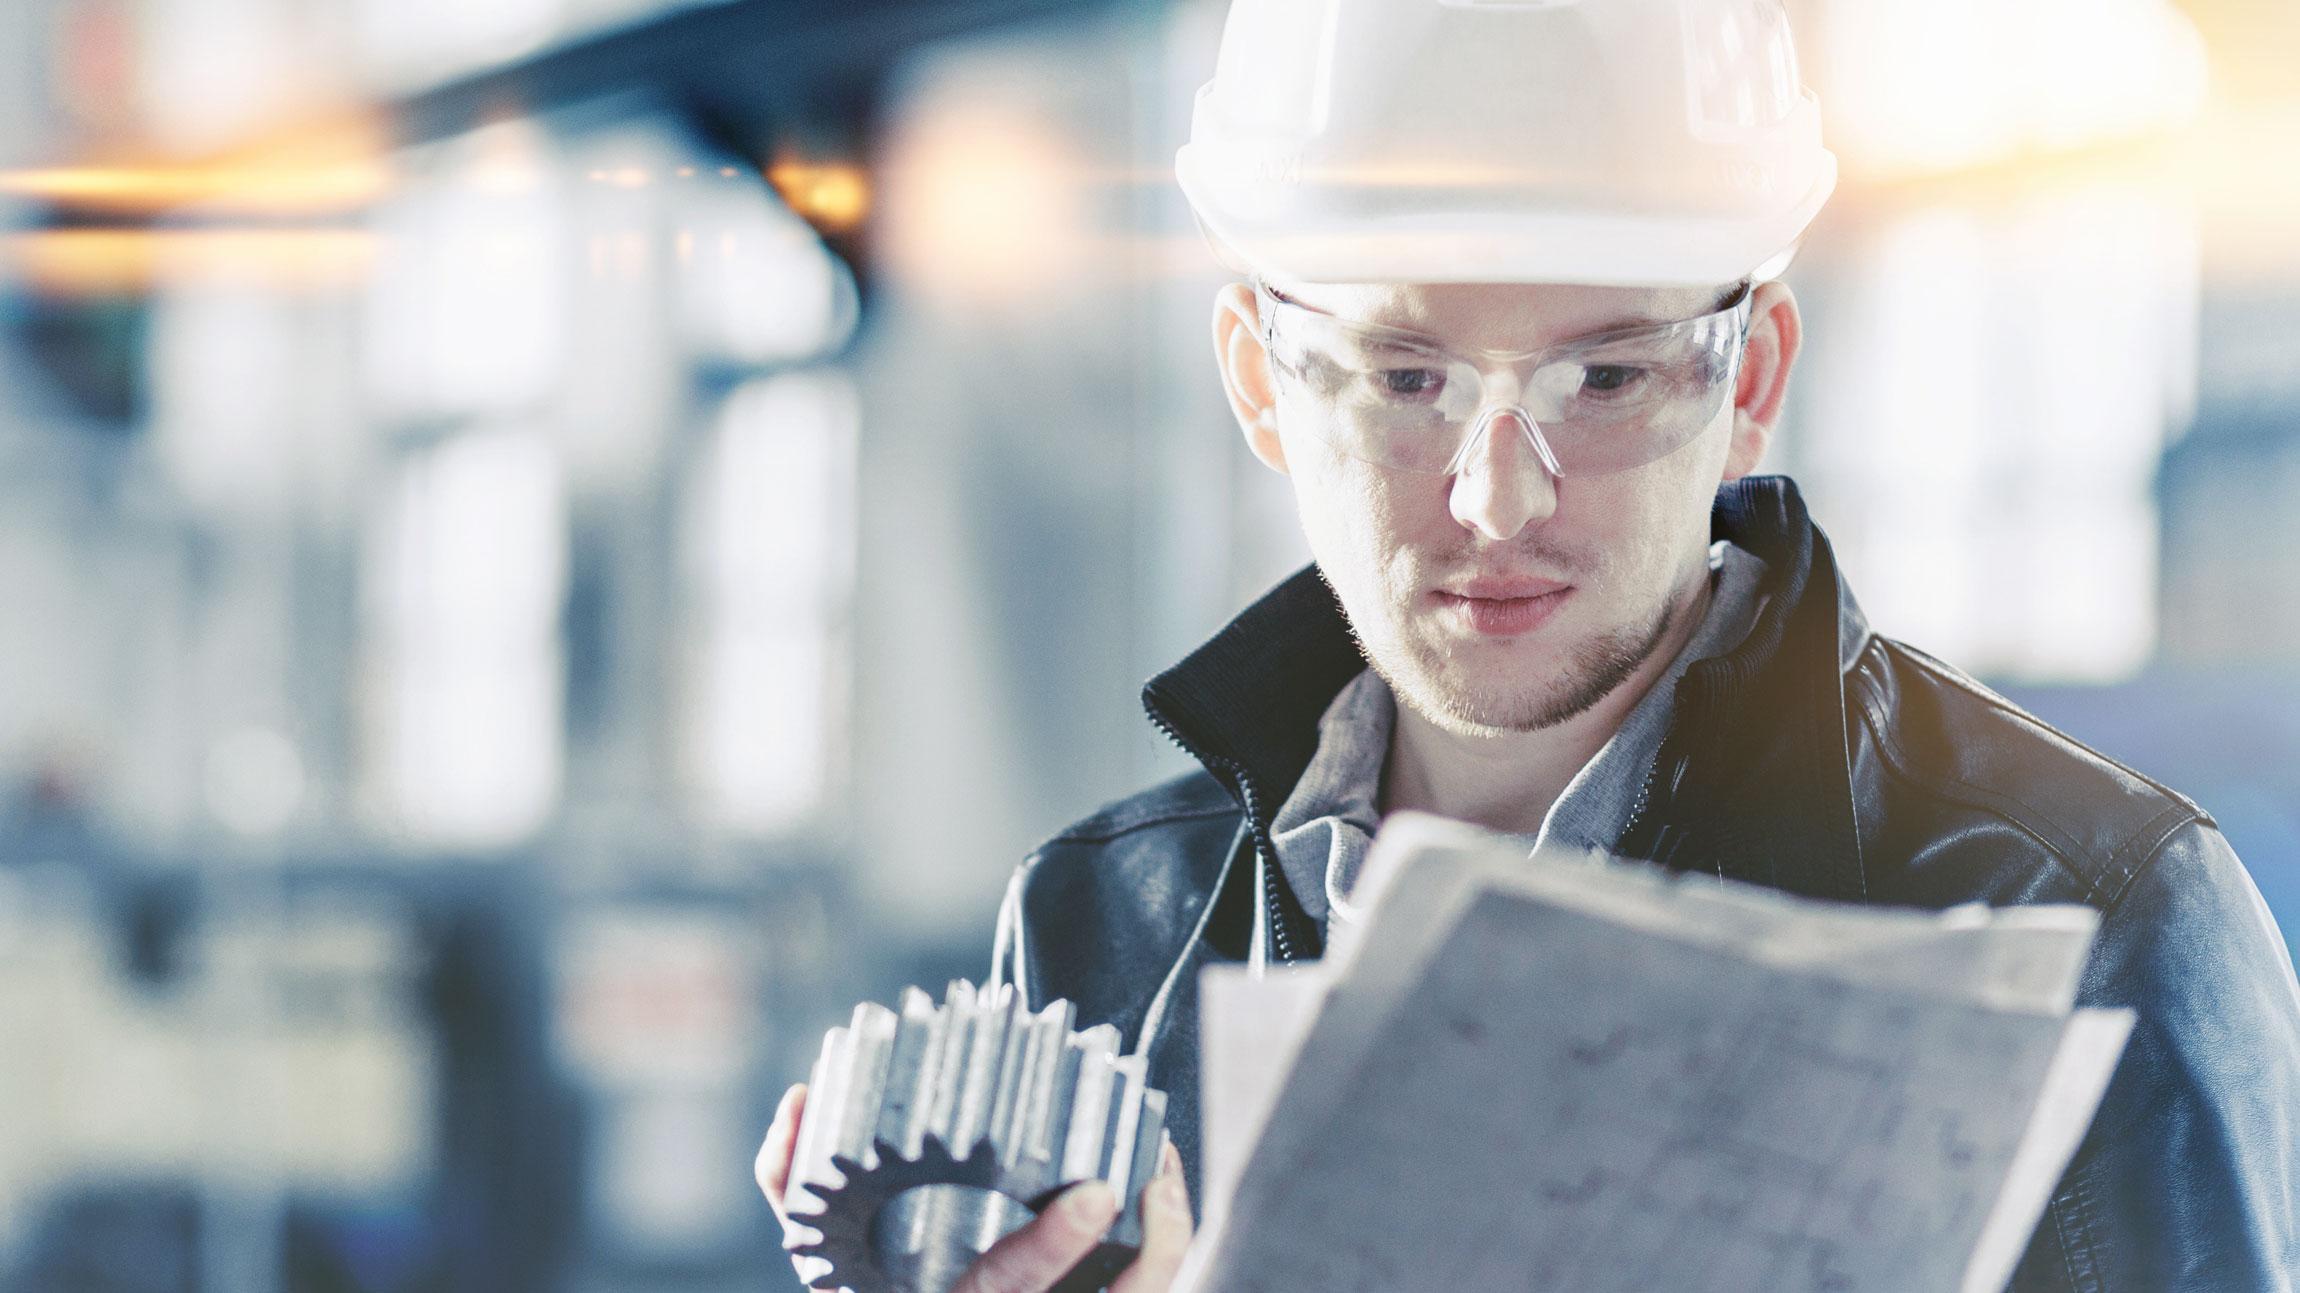 Energiateollisuuden insinööritehtävät, projektinjohtotehtävät, työturvallisuustehtävät, laatutehtävät ja tukitehtävät